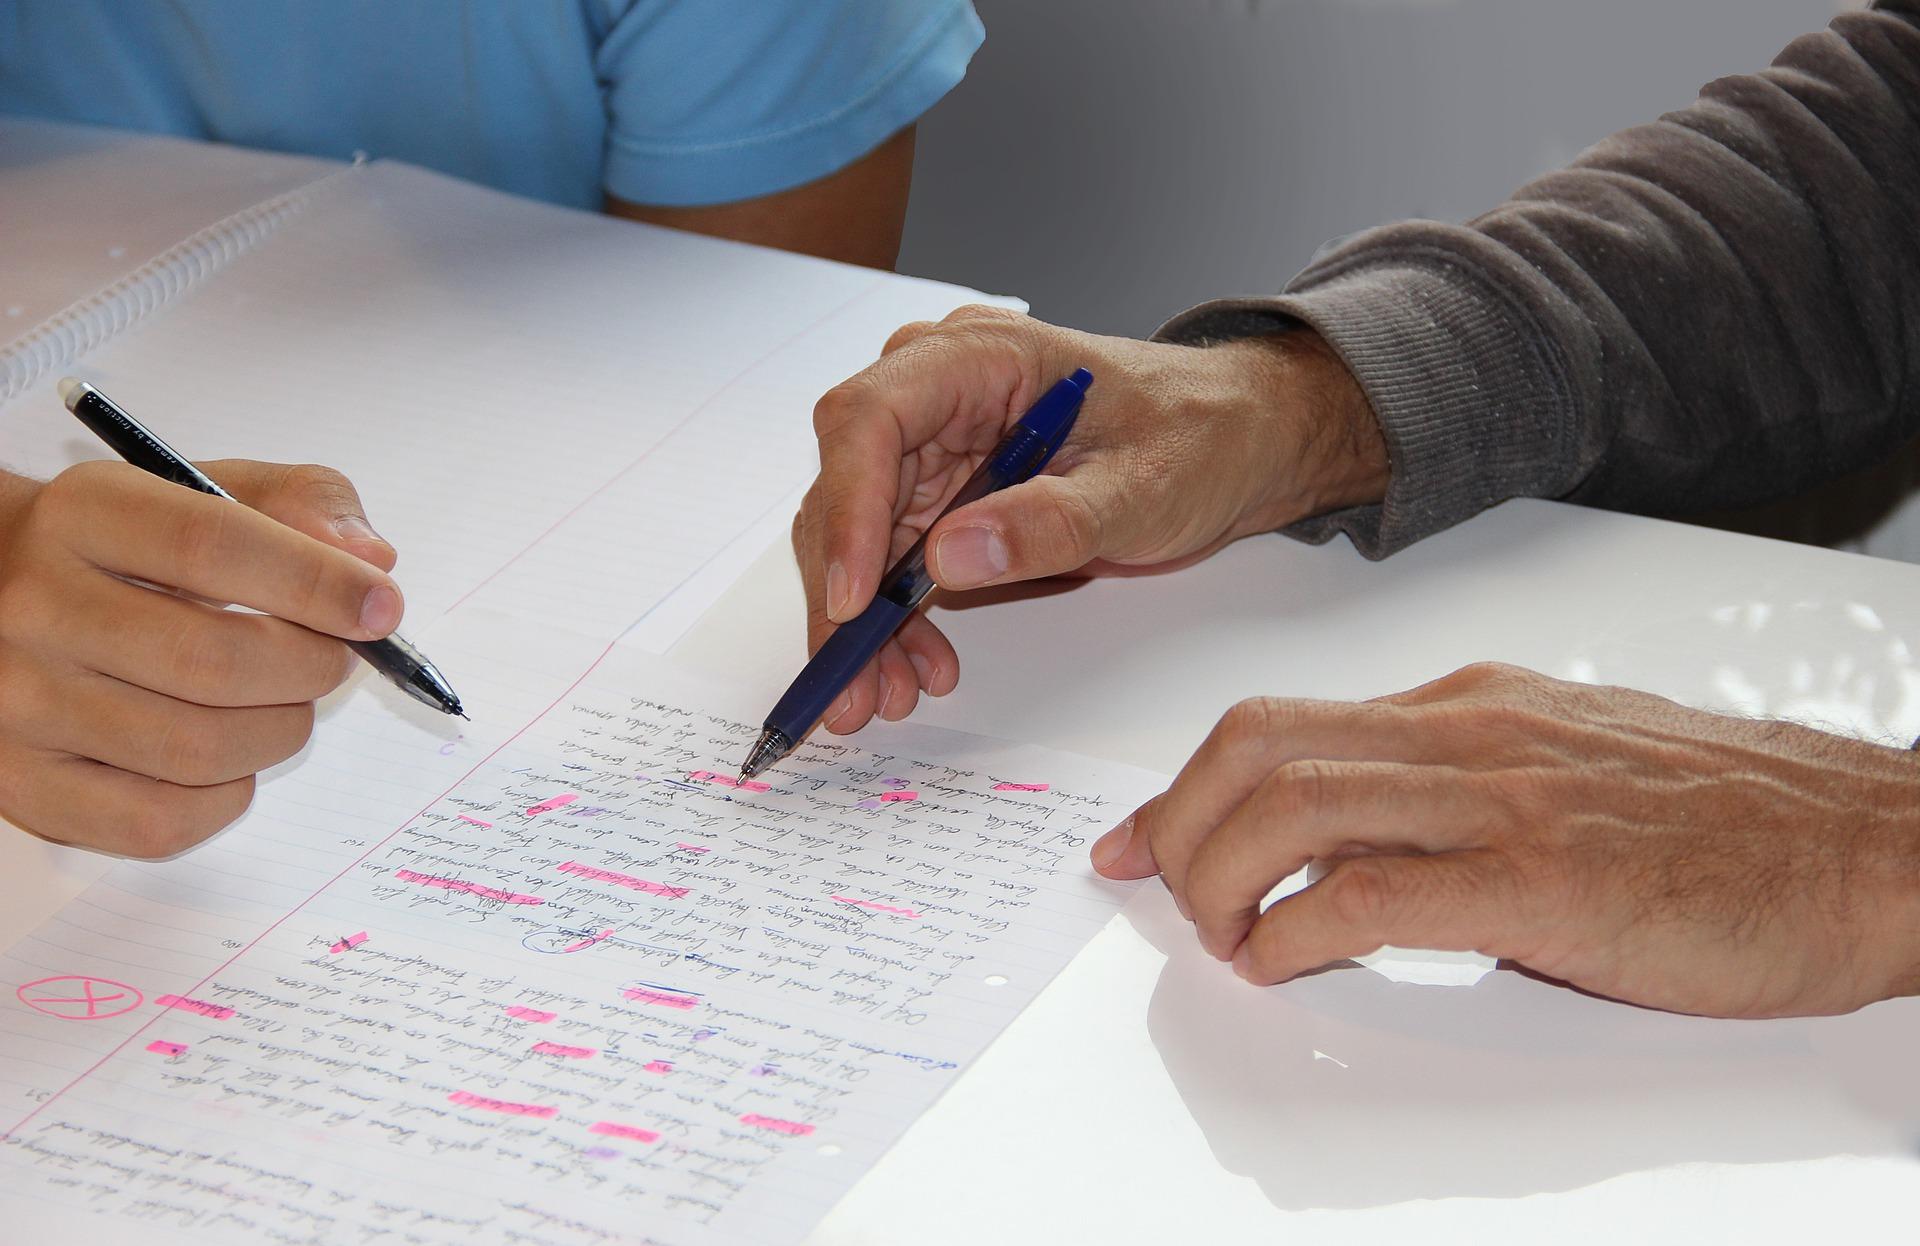 La valorizzazione della funzione tutoriale all'interno dei Corsi di Laurea delle Professioni Sanitarie di 1° livello: le sinergie possibili tra l'ambito sanitario e quello universitario